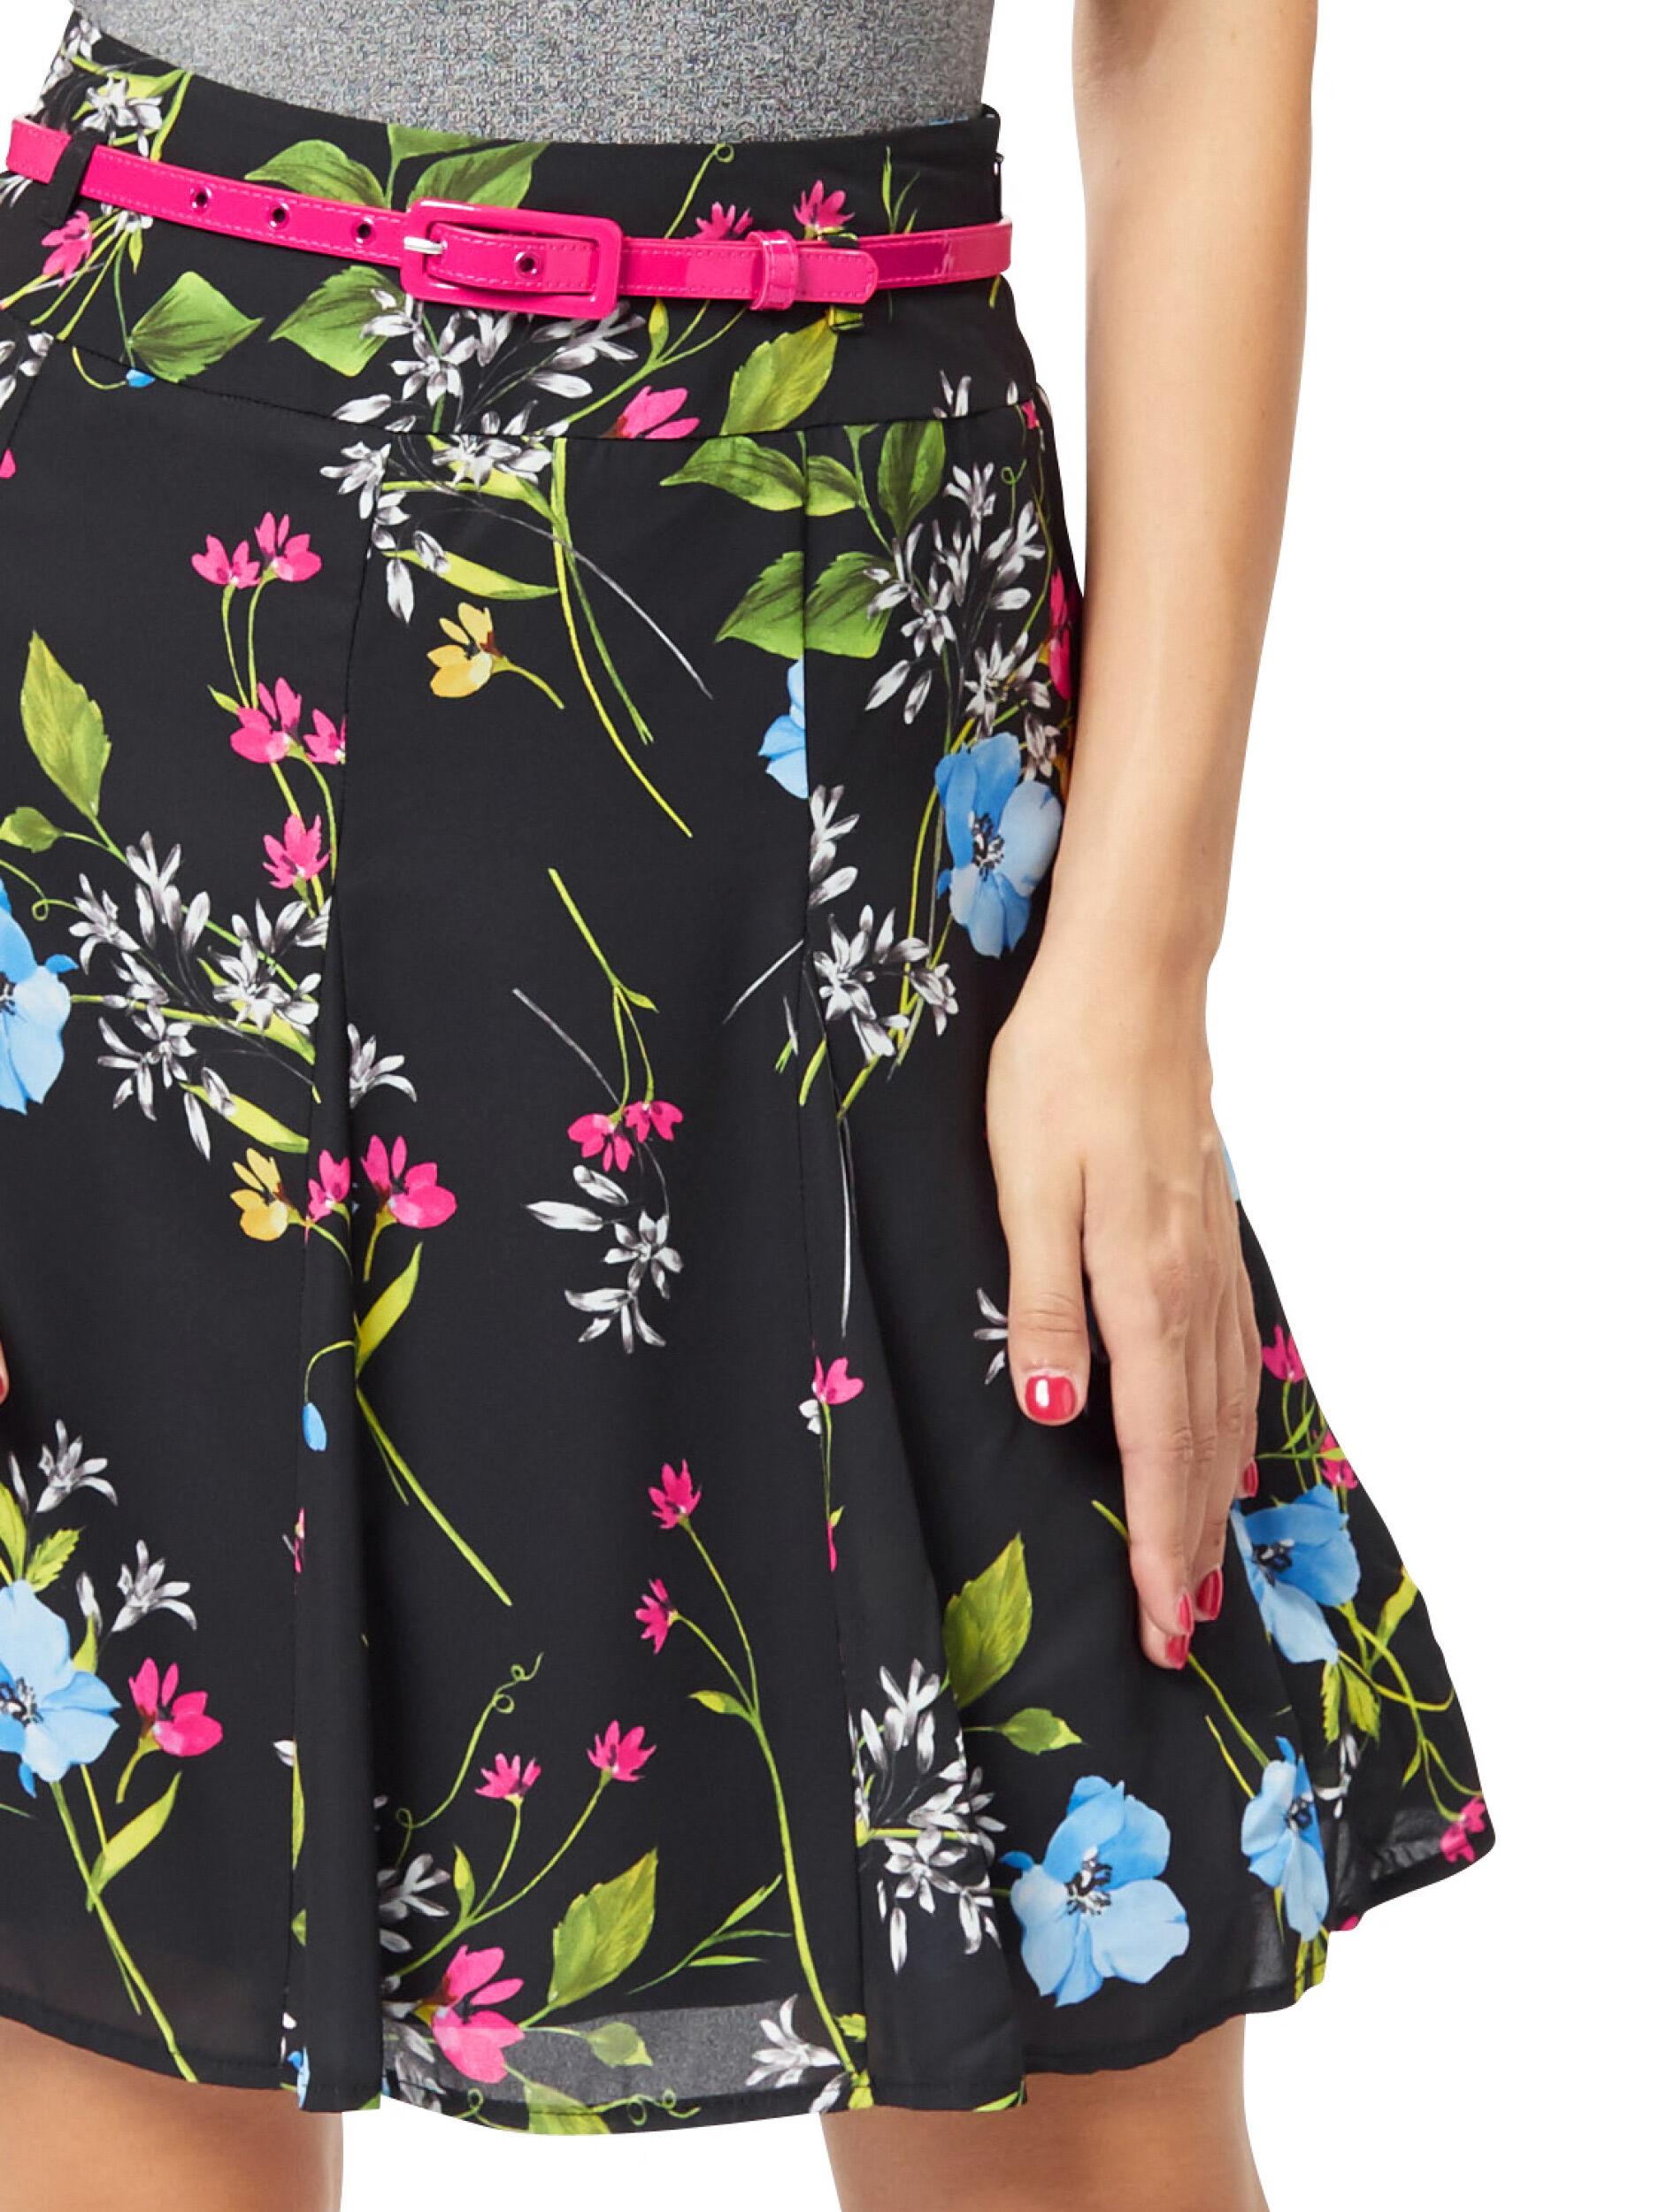 Tallulah Belle Skirt